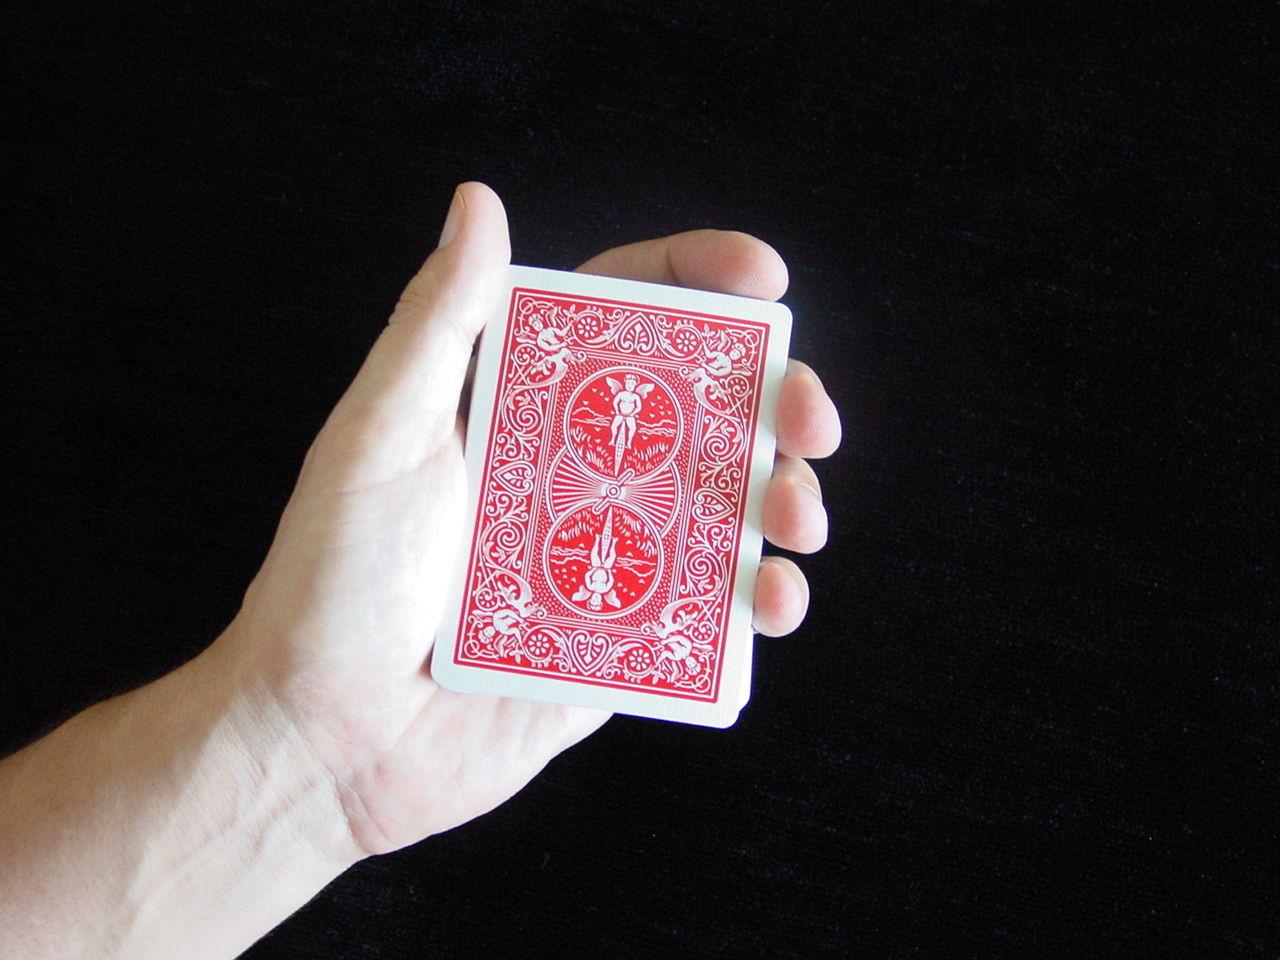 Pon las 7 cartas cara abajo sobre la palma de tu mano como muestra la imagen.